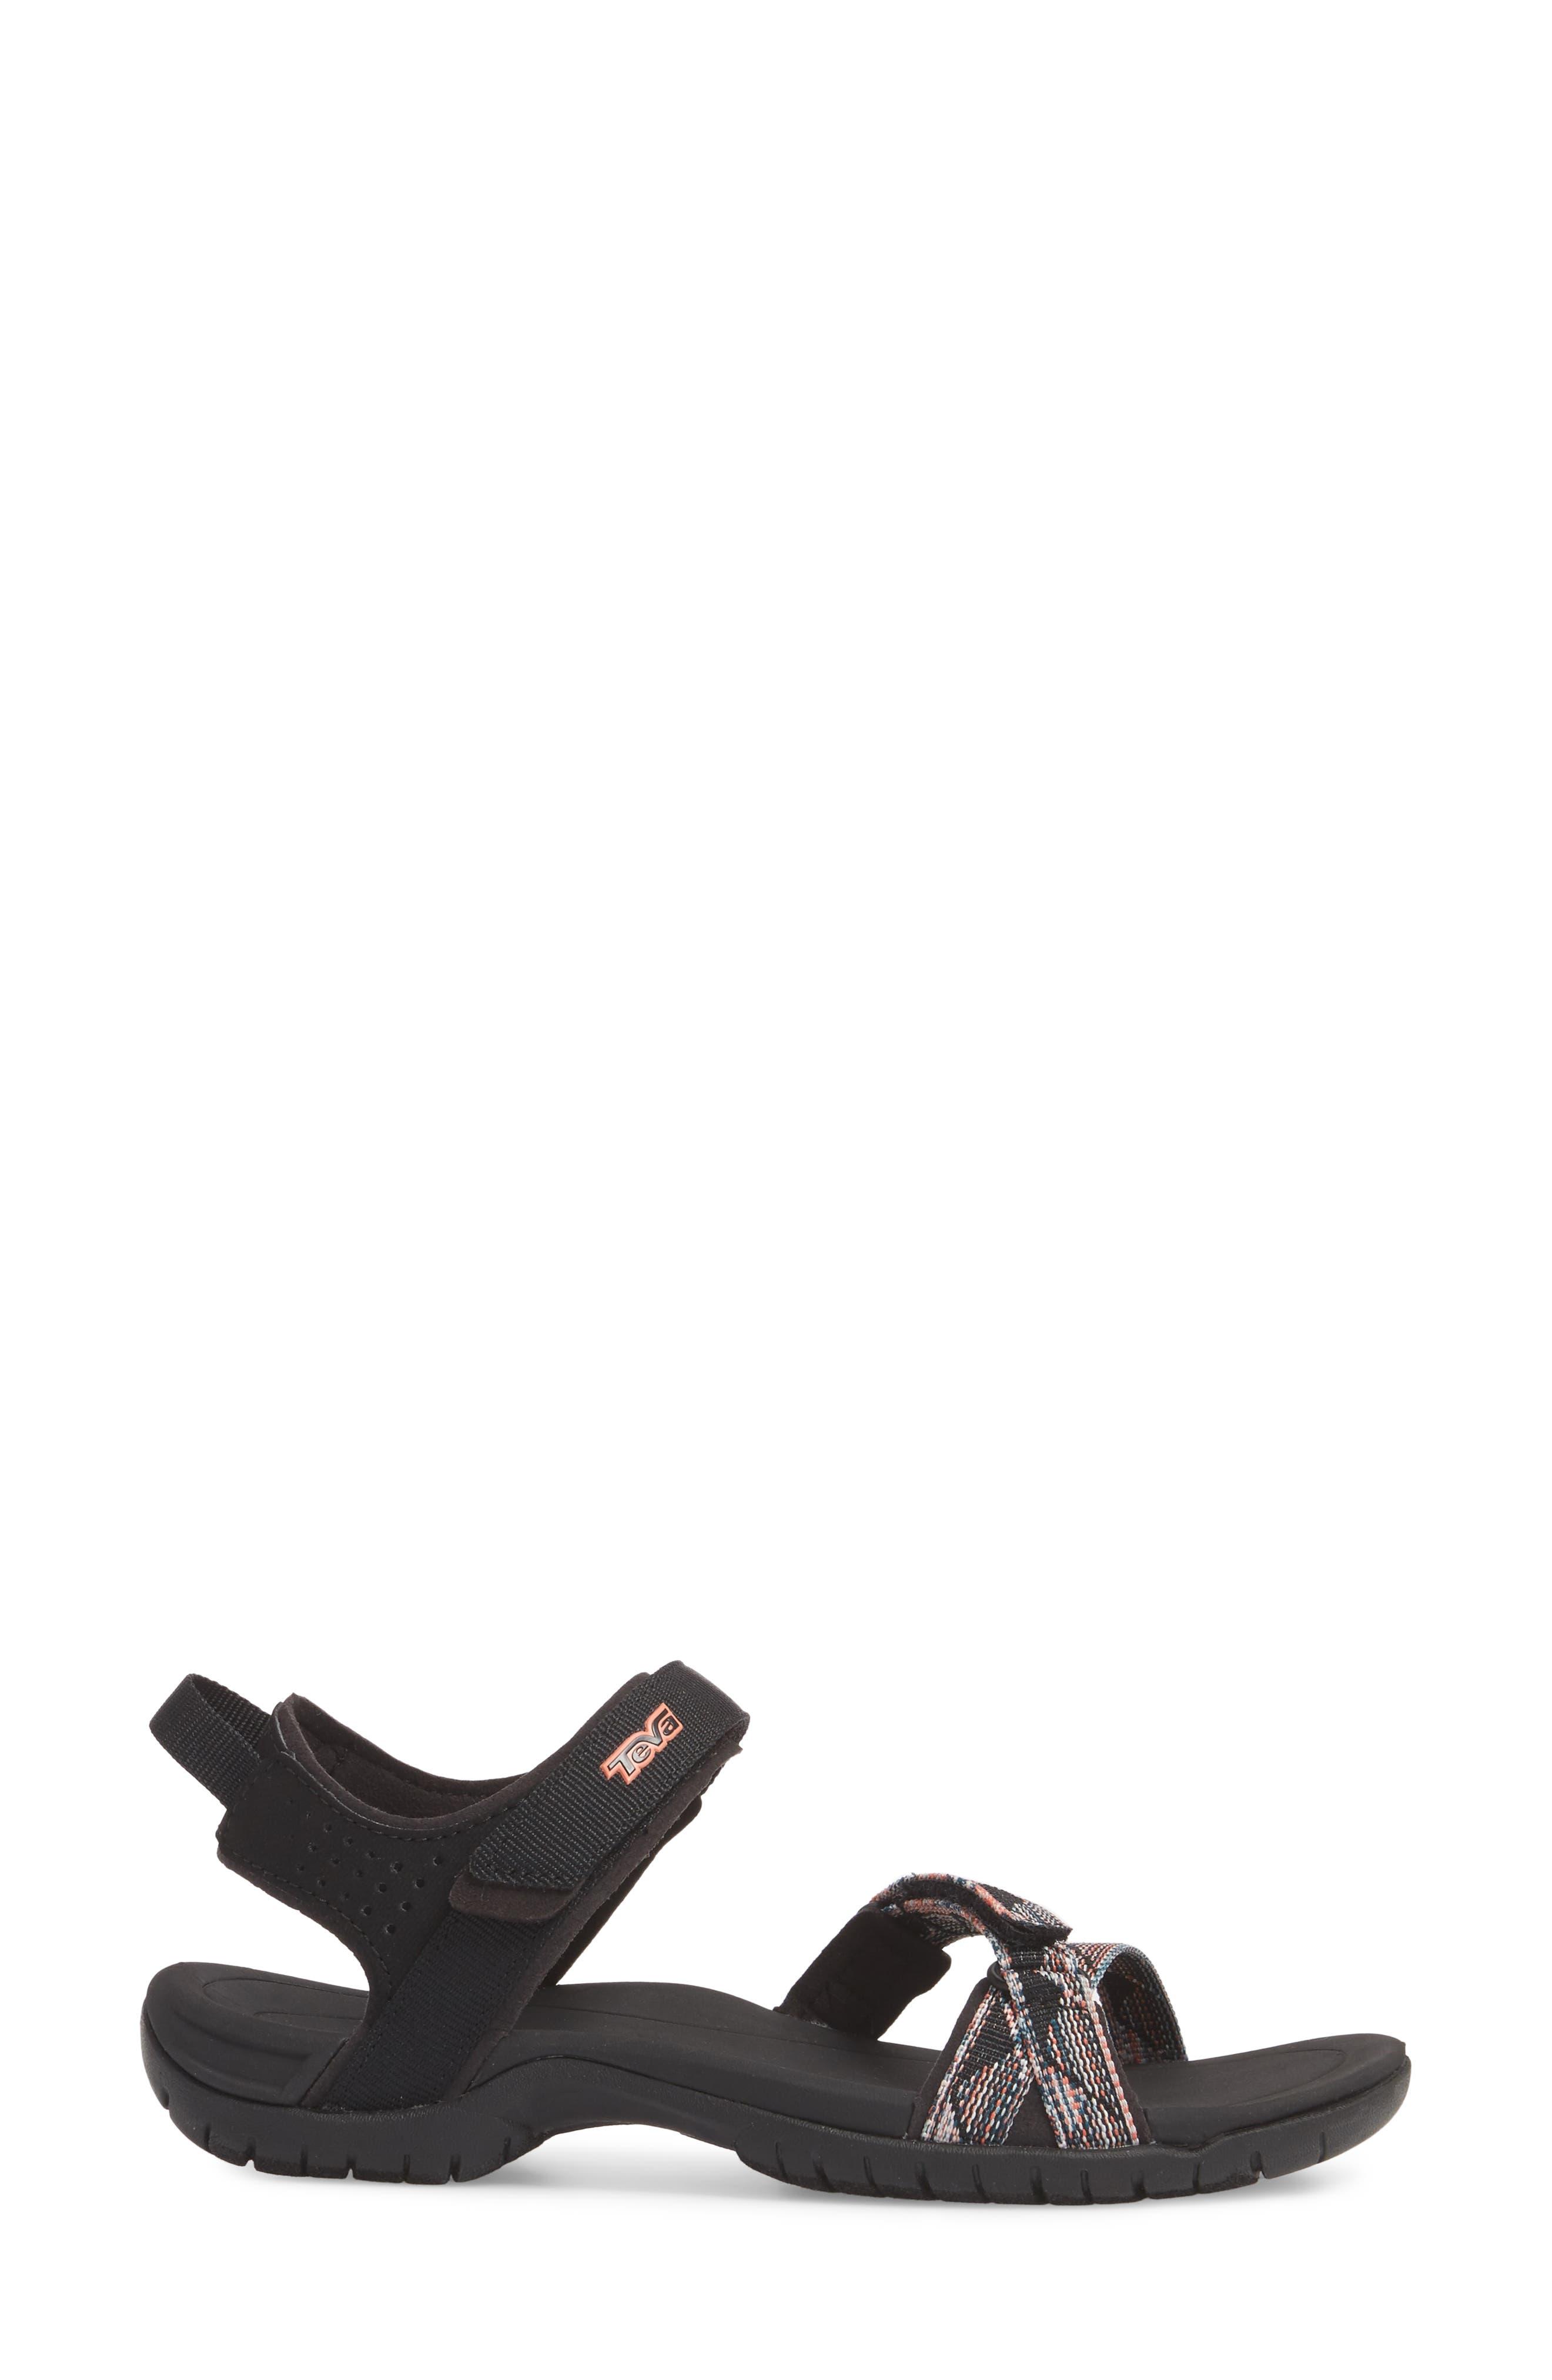 'Verra' Sandal,                             Alternate thumbnail 3, color,                             Suri Black Multi